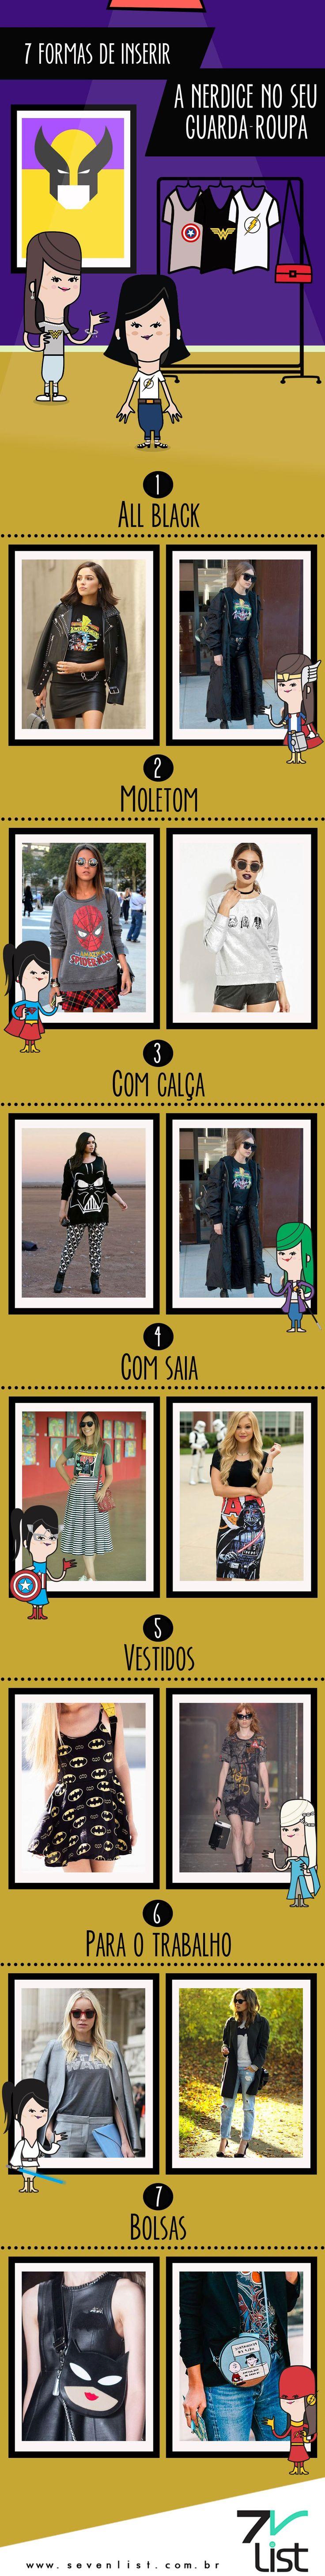 """Chega! Não existe mais essa coisa de que super-heróis, quadrinhos, games e qualquer tipo de nerdice seja """"Things for Boys"""". Hoje a nossa lista foi feita para você, mulher e nerd. Veja 7 formas de inserir a nerdice no seu guarda-roupa. #SevenList #Fashion #Moda #Geek #Nerd #ModaNerd #FashionGeek #Heroes #SuperHeróis #GirlPower #Marvel #DCComics #Comics #StarWars"""